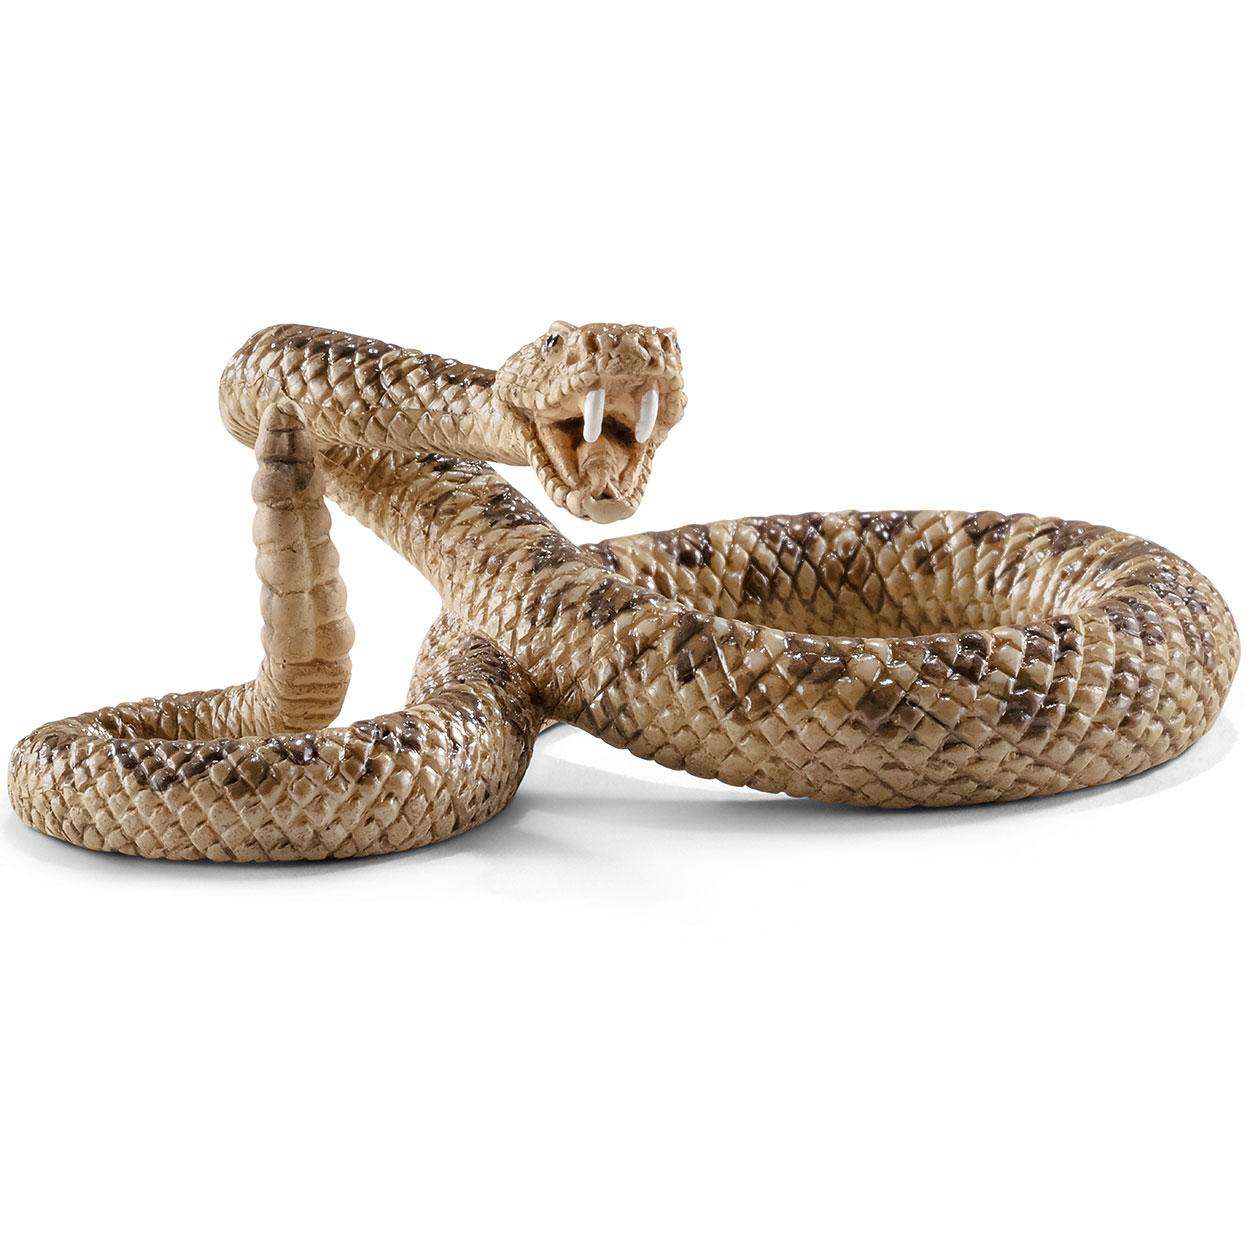 Купить Гремучая змея, Santoro London